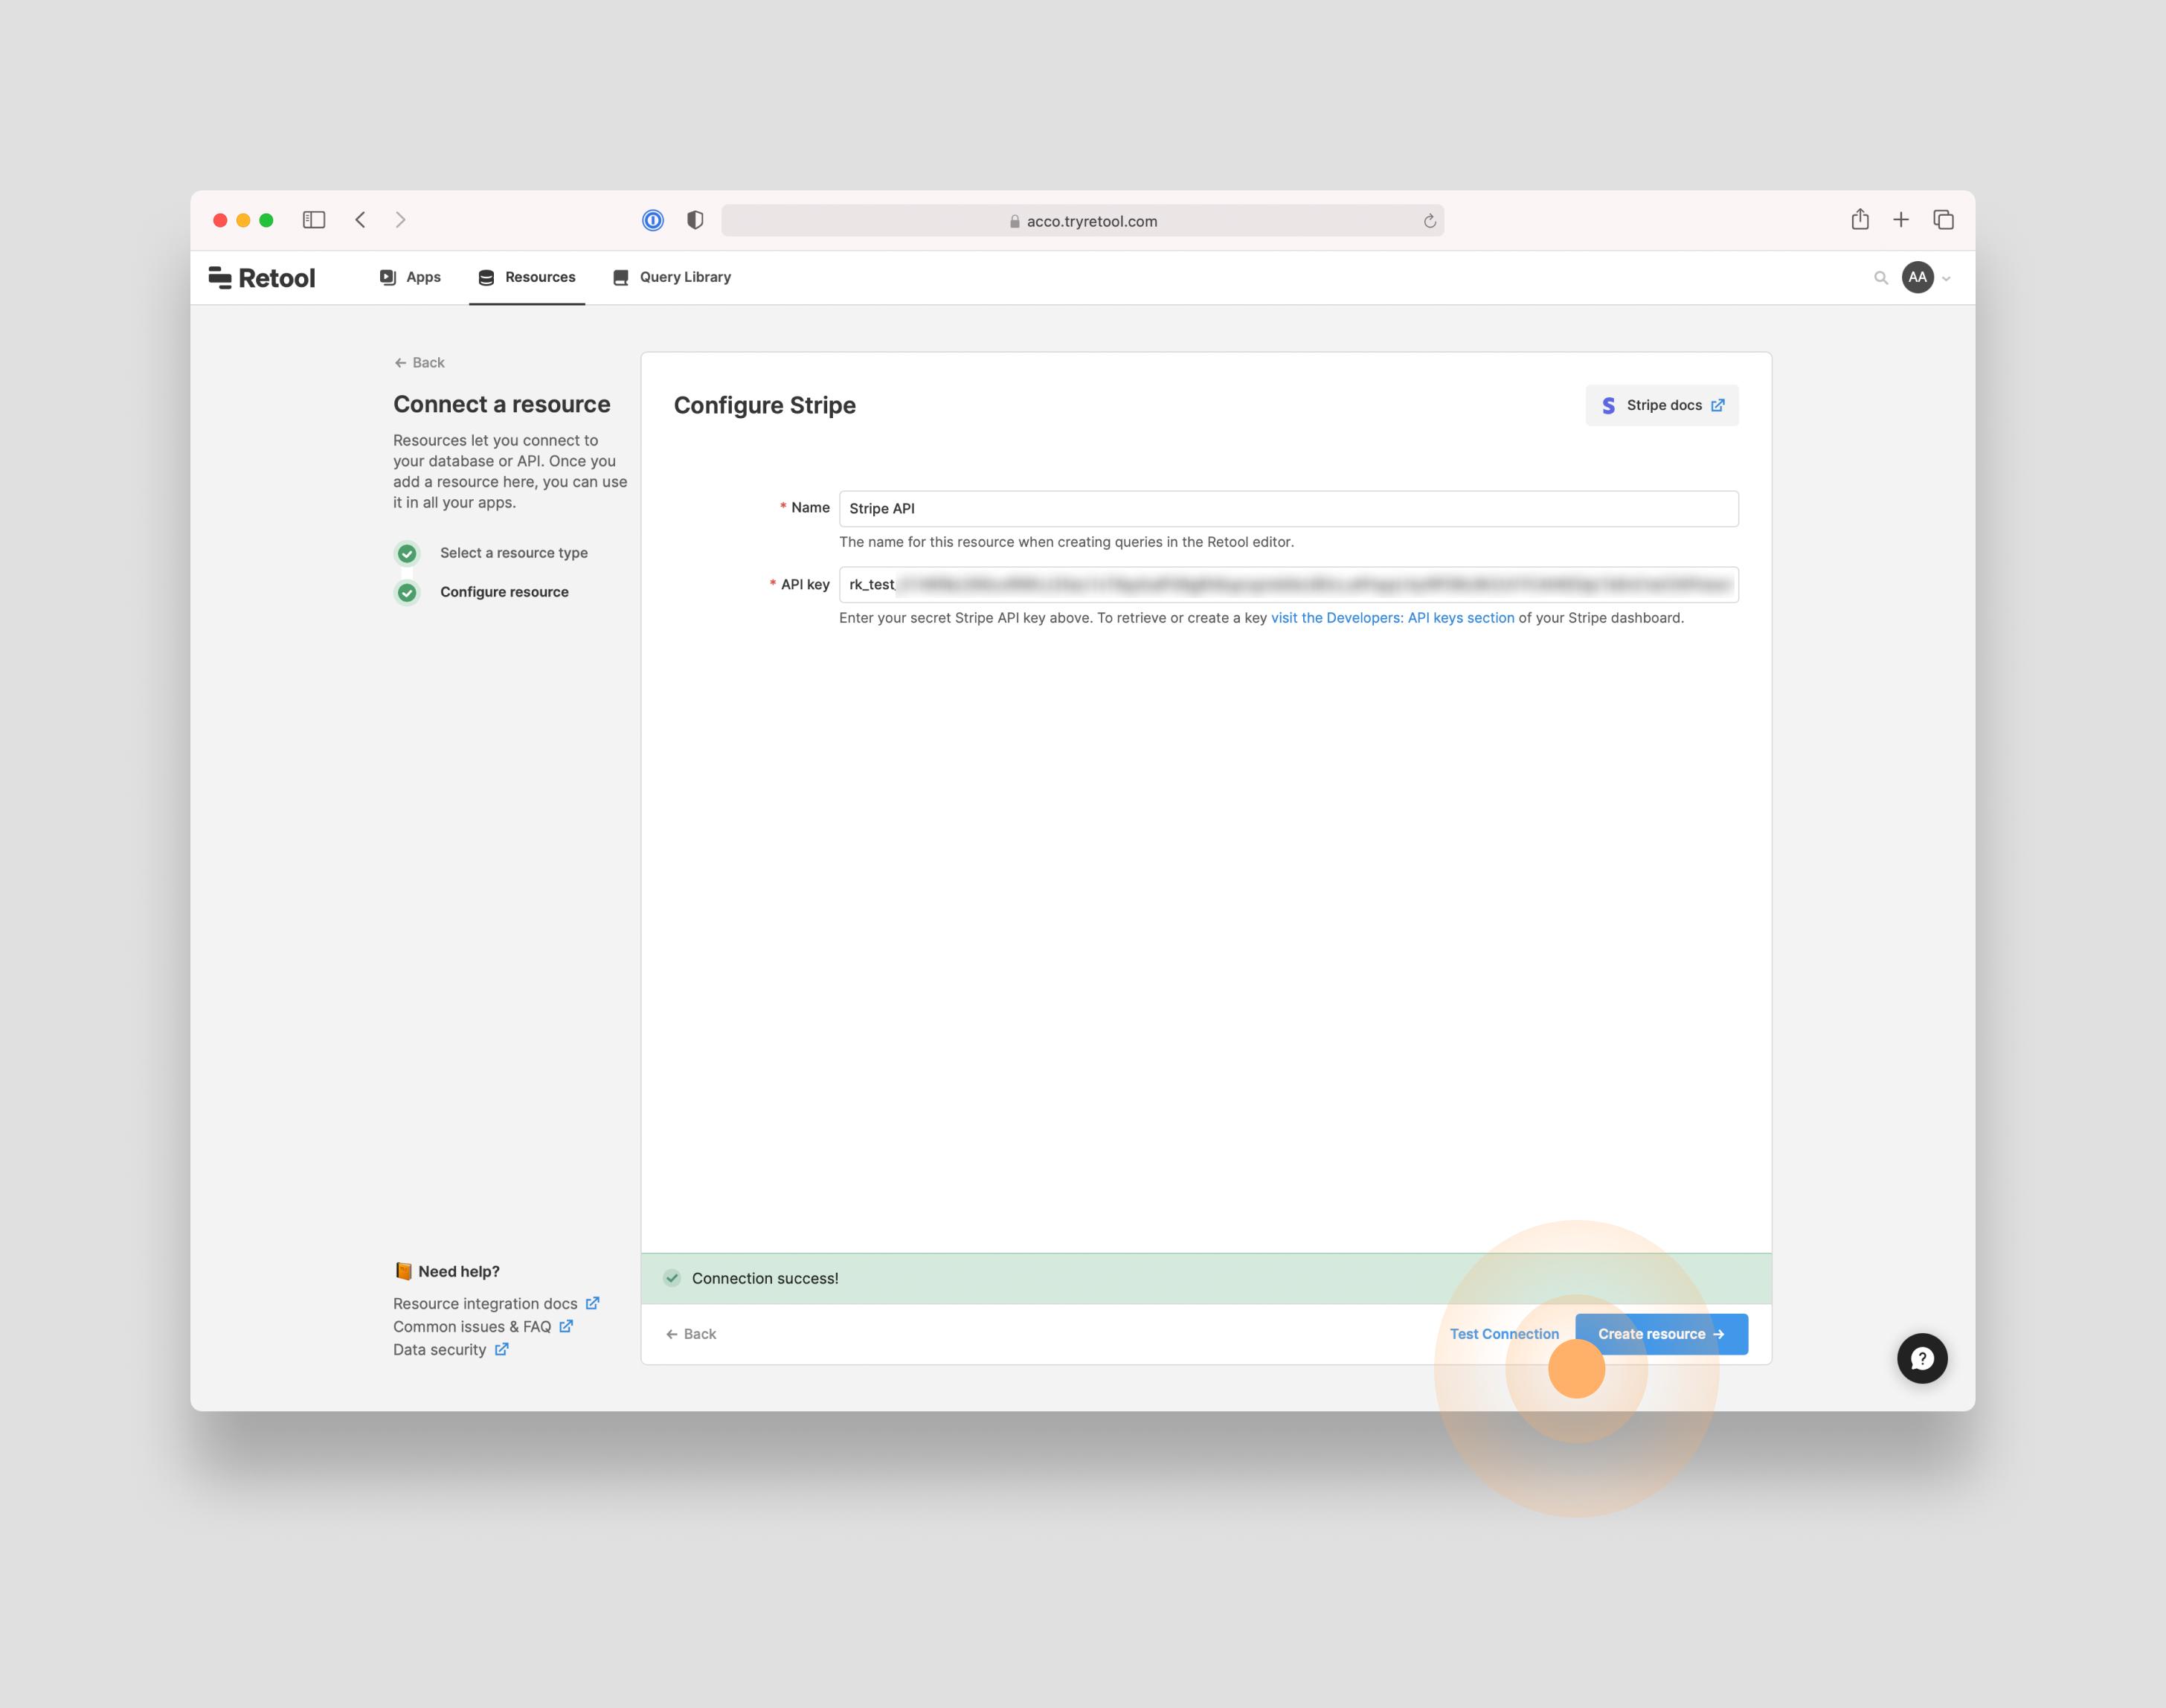 Add the Stripe API resource to Retool